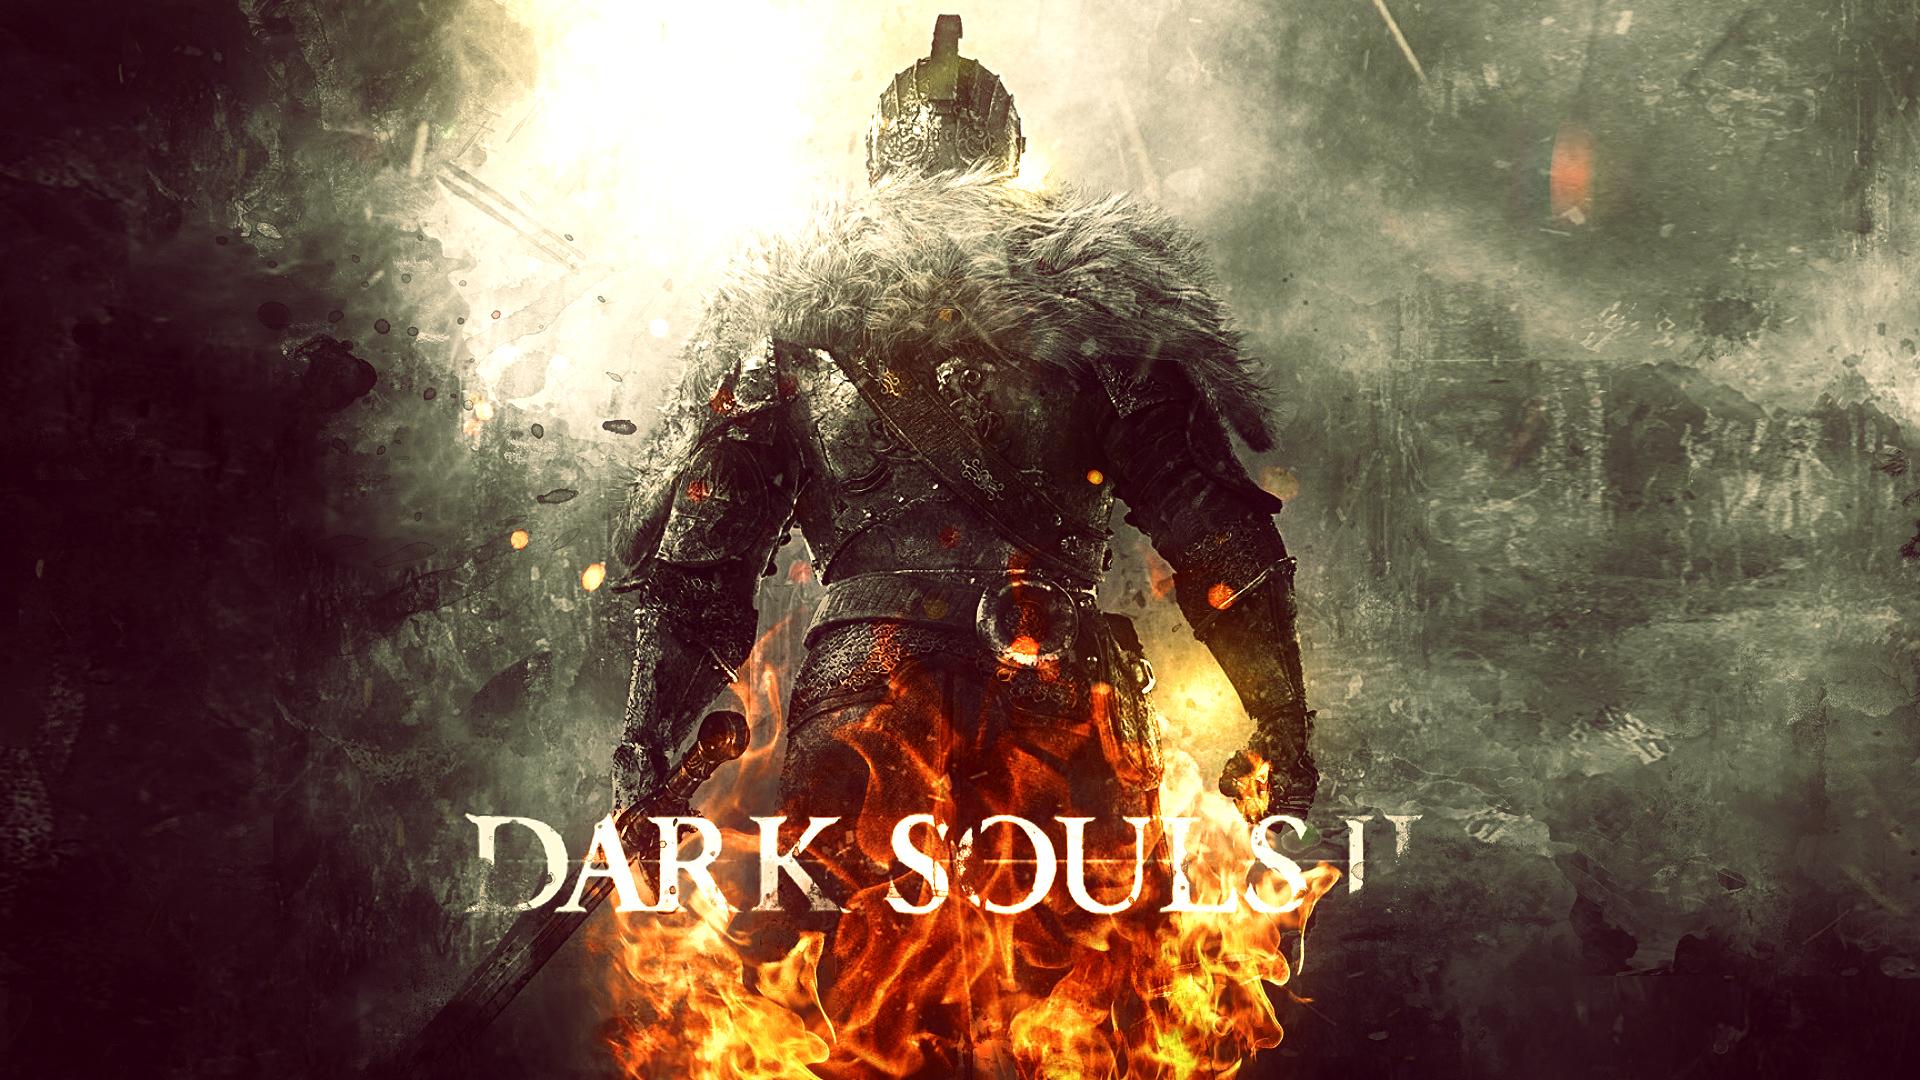 Pictures Of Dark Souls 2 Wallpaper 1080p Kidskunst Info